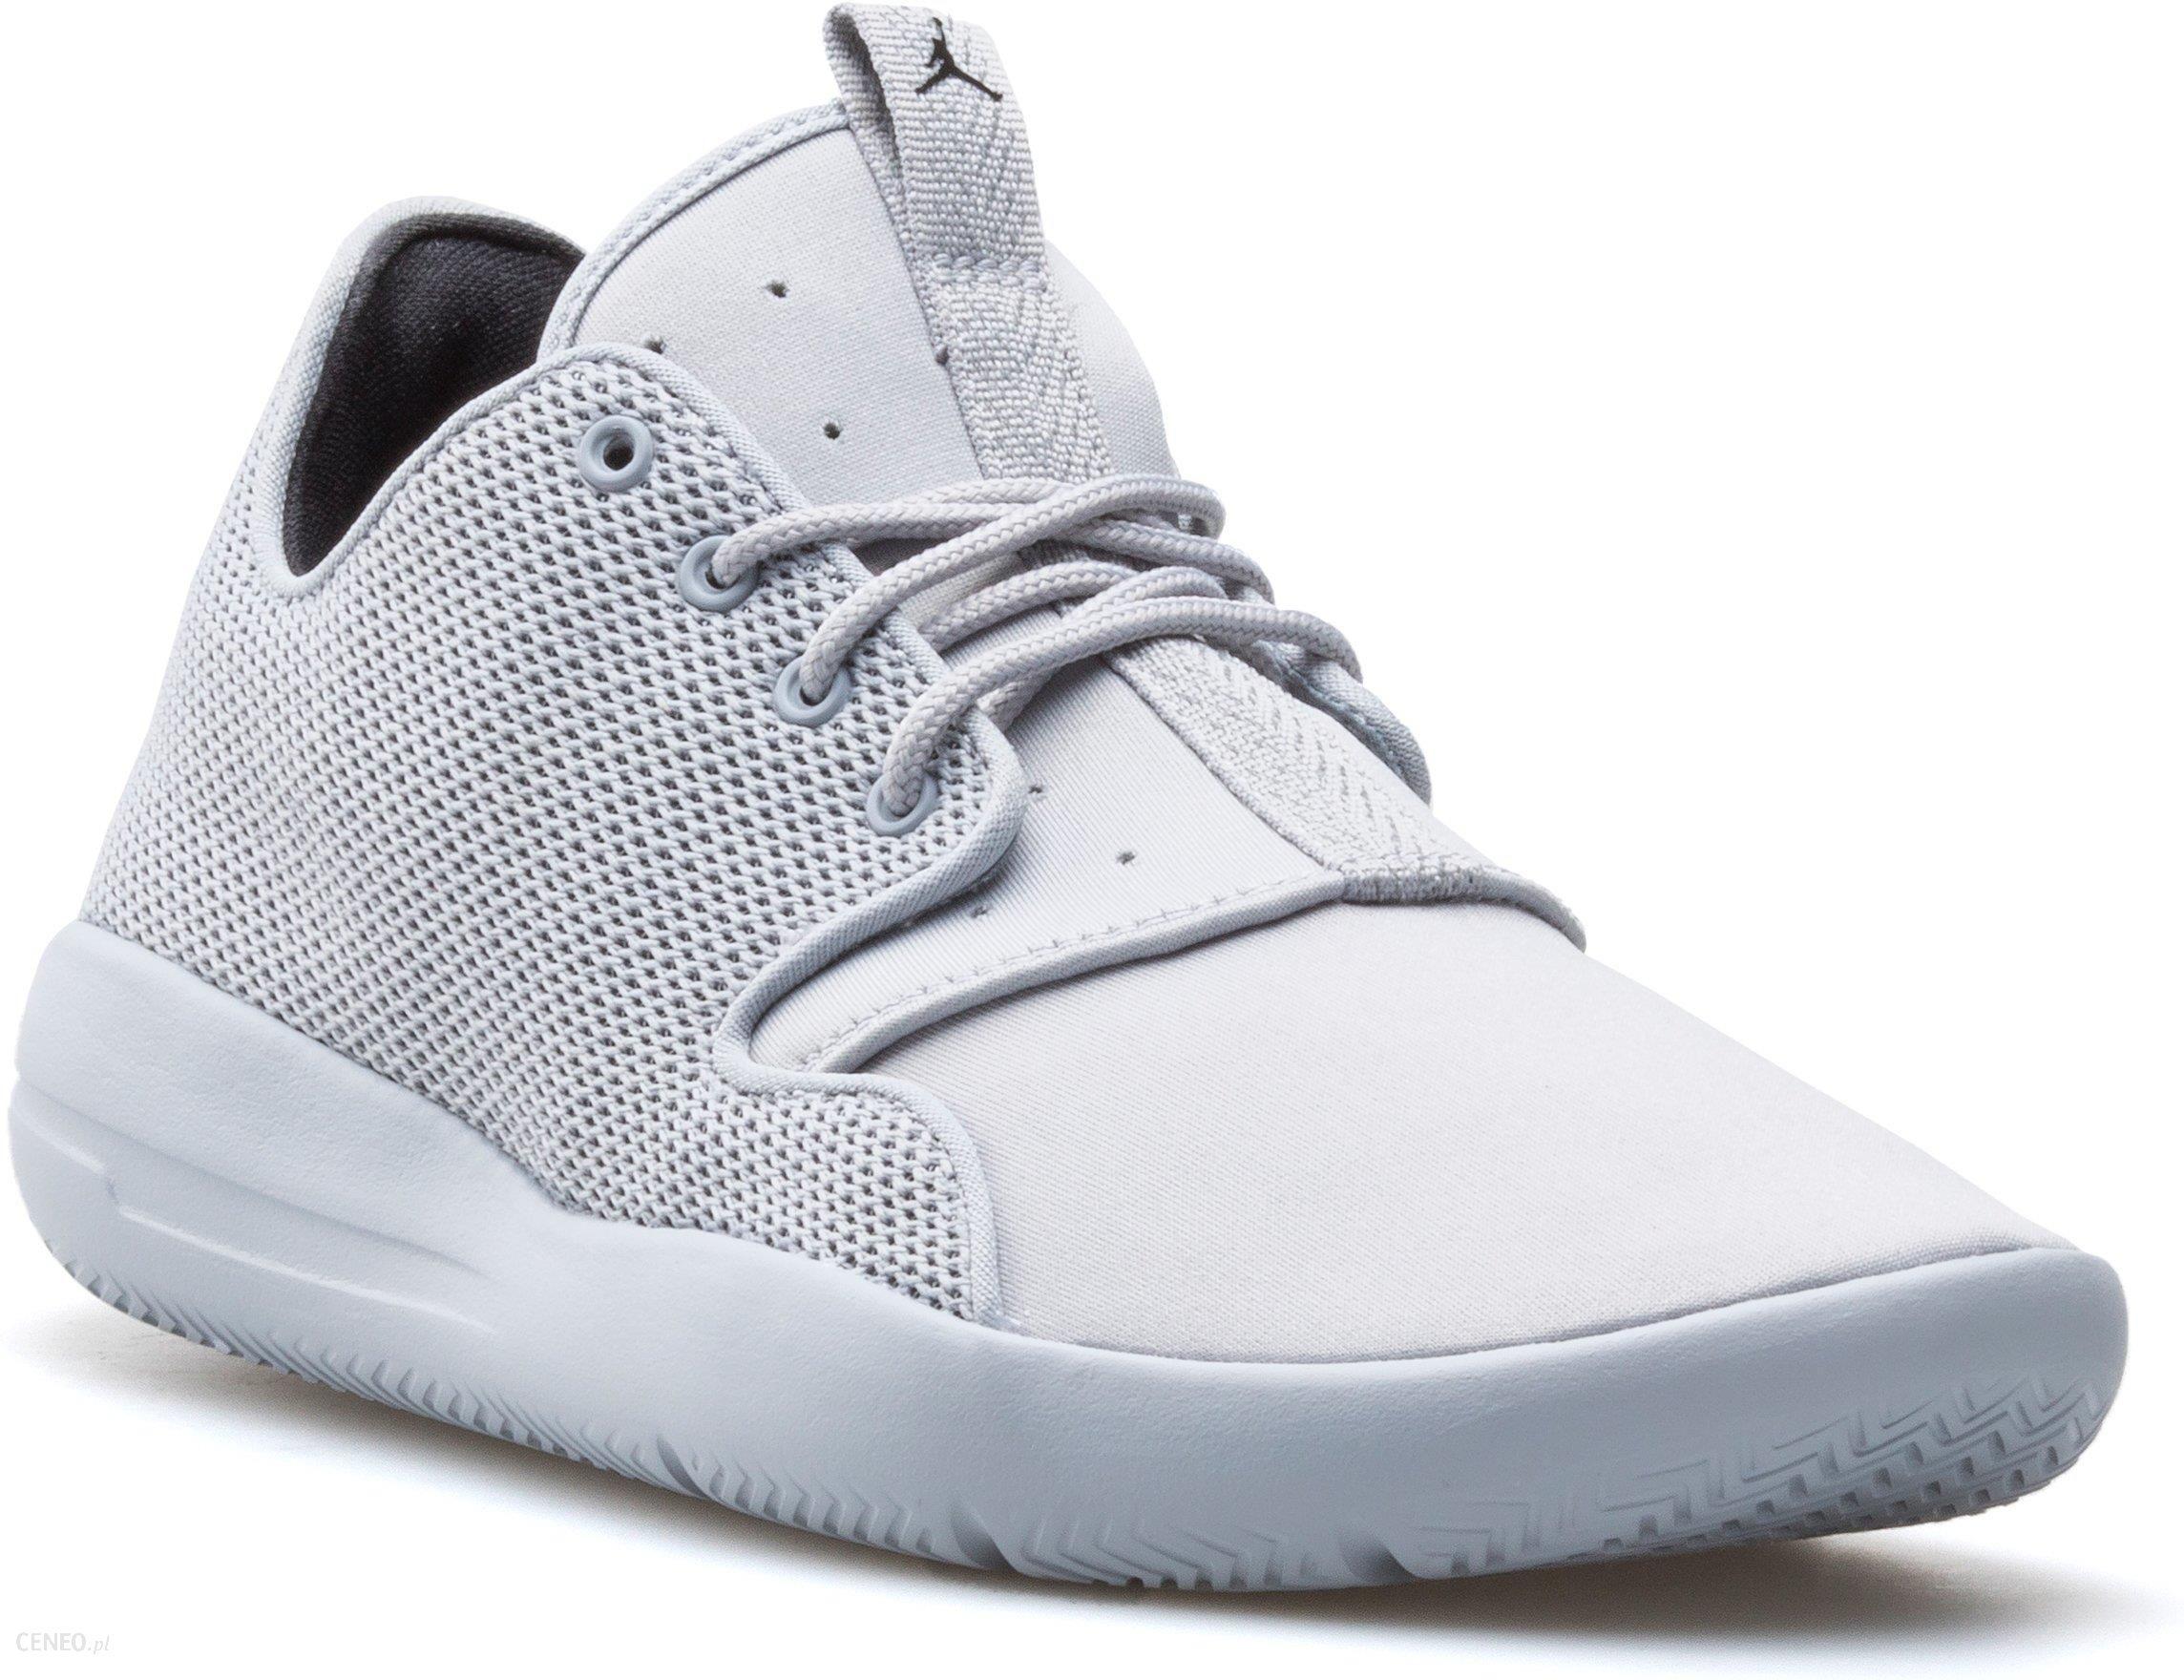 Buty Nike Jordan Eclipse Bg 724042 004 r. 36,5 Ceny i opinie Ceneo.pl